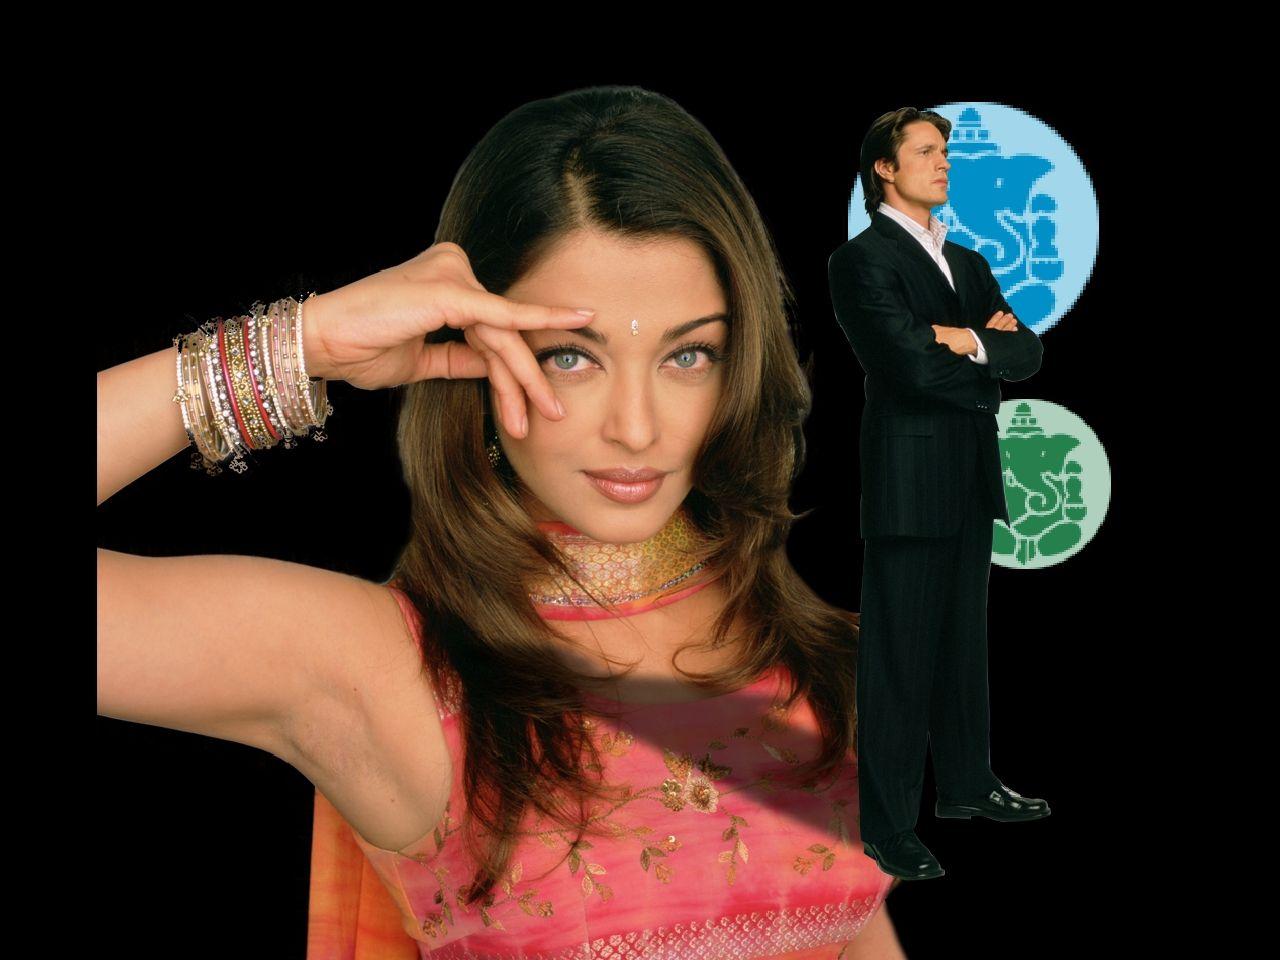 Fonds d 39 cran du film coup de foudre bollywood - Film coup de foudre a bollywood gratuit ...